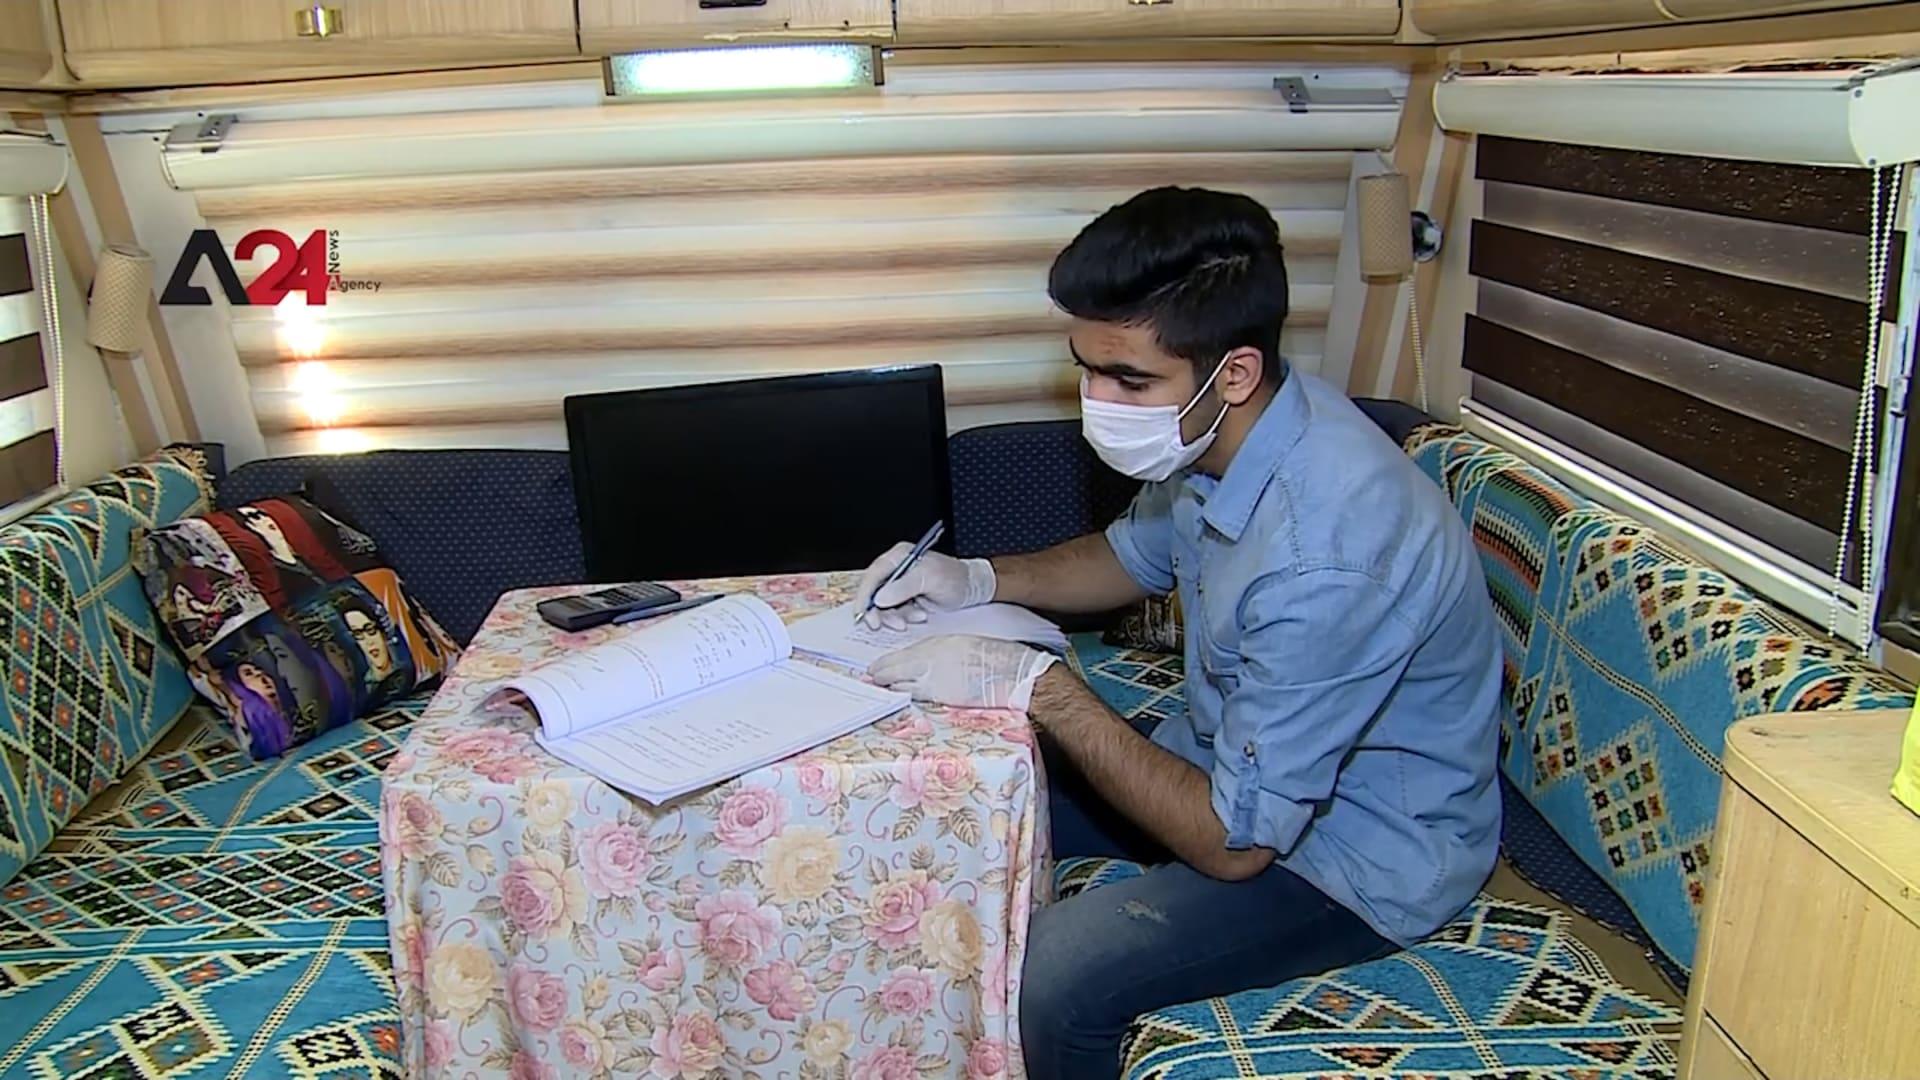 طالب عراقي بالمرحلة الثانوية يحجر نفسه في كرفان كوقاية من فيروس كورونا